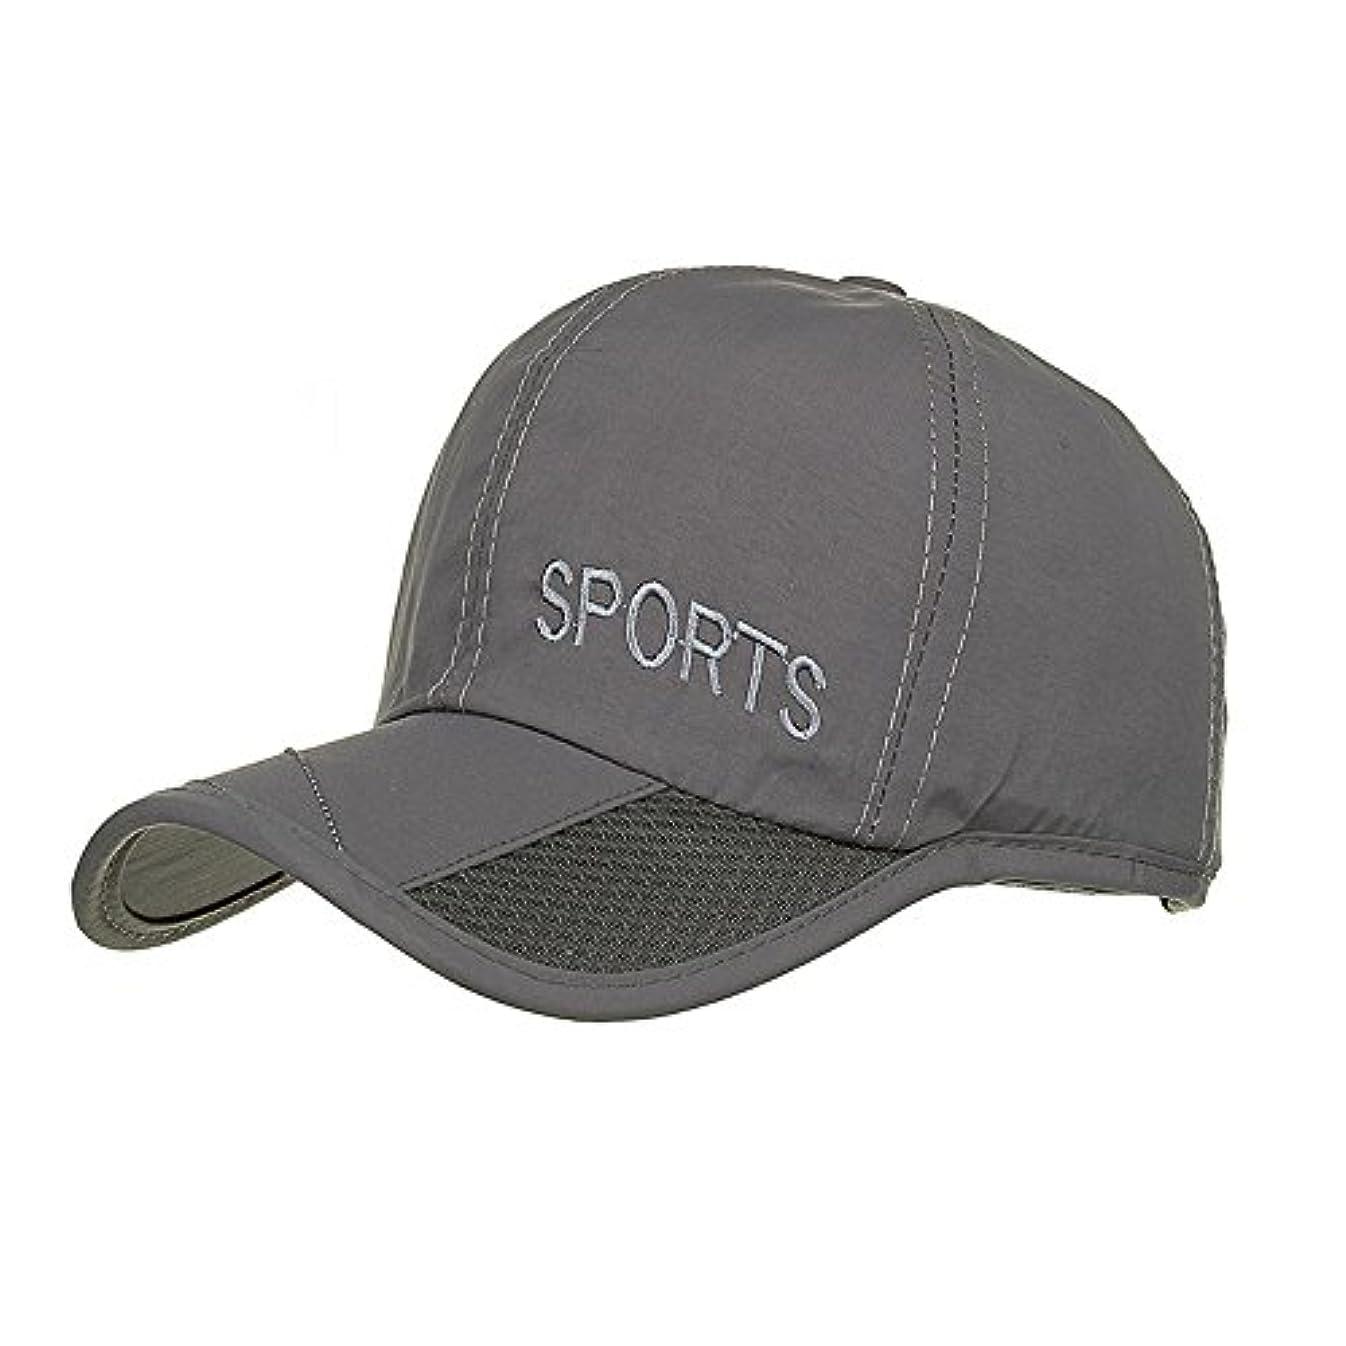 キロメートル裁判官大きなスケールで見るとRacazing Cap 男女兼用 野球帽 夏 登山 通気性のある メッシュ 帽子 ベルクロ 可調整可能 刺繍 棒球帽 UV 帽子 軽量 屋外 Unisex Hat (グレー)